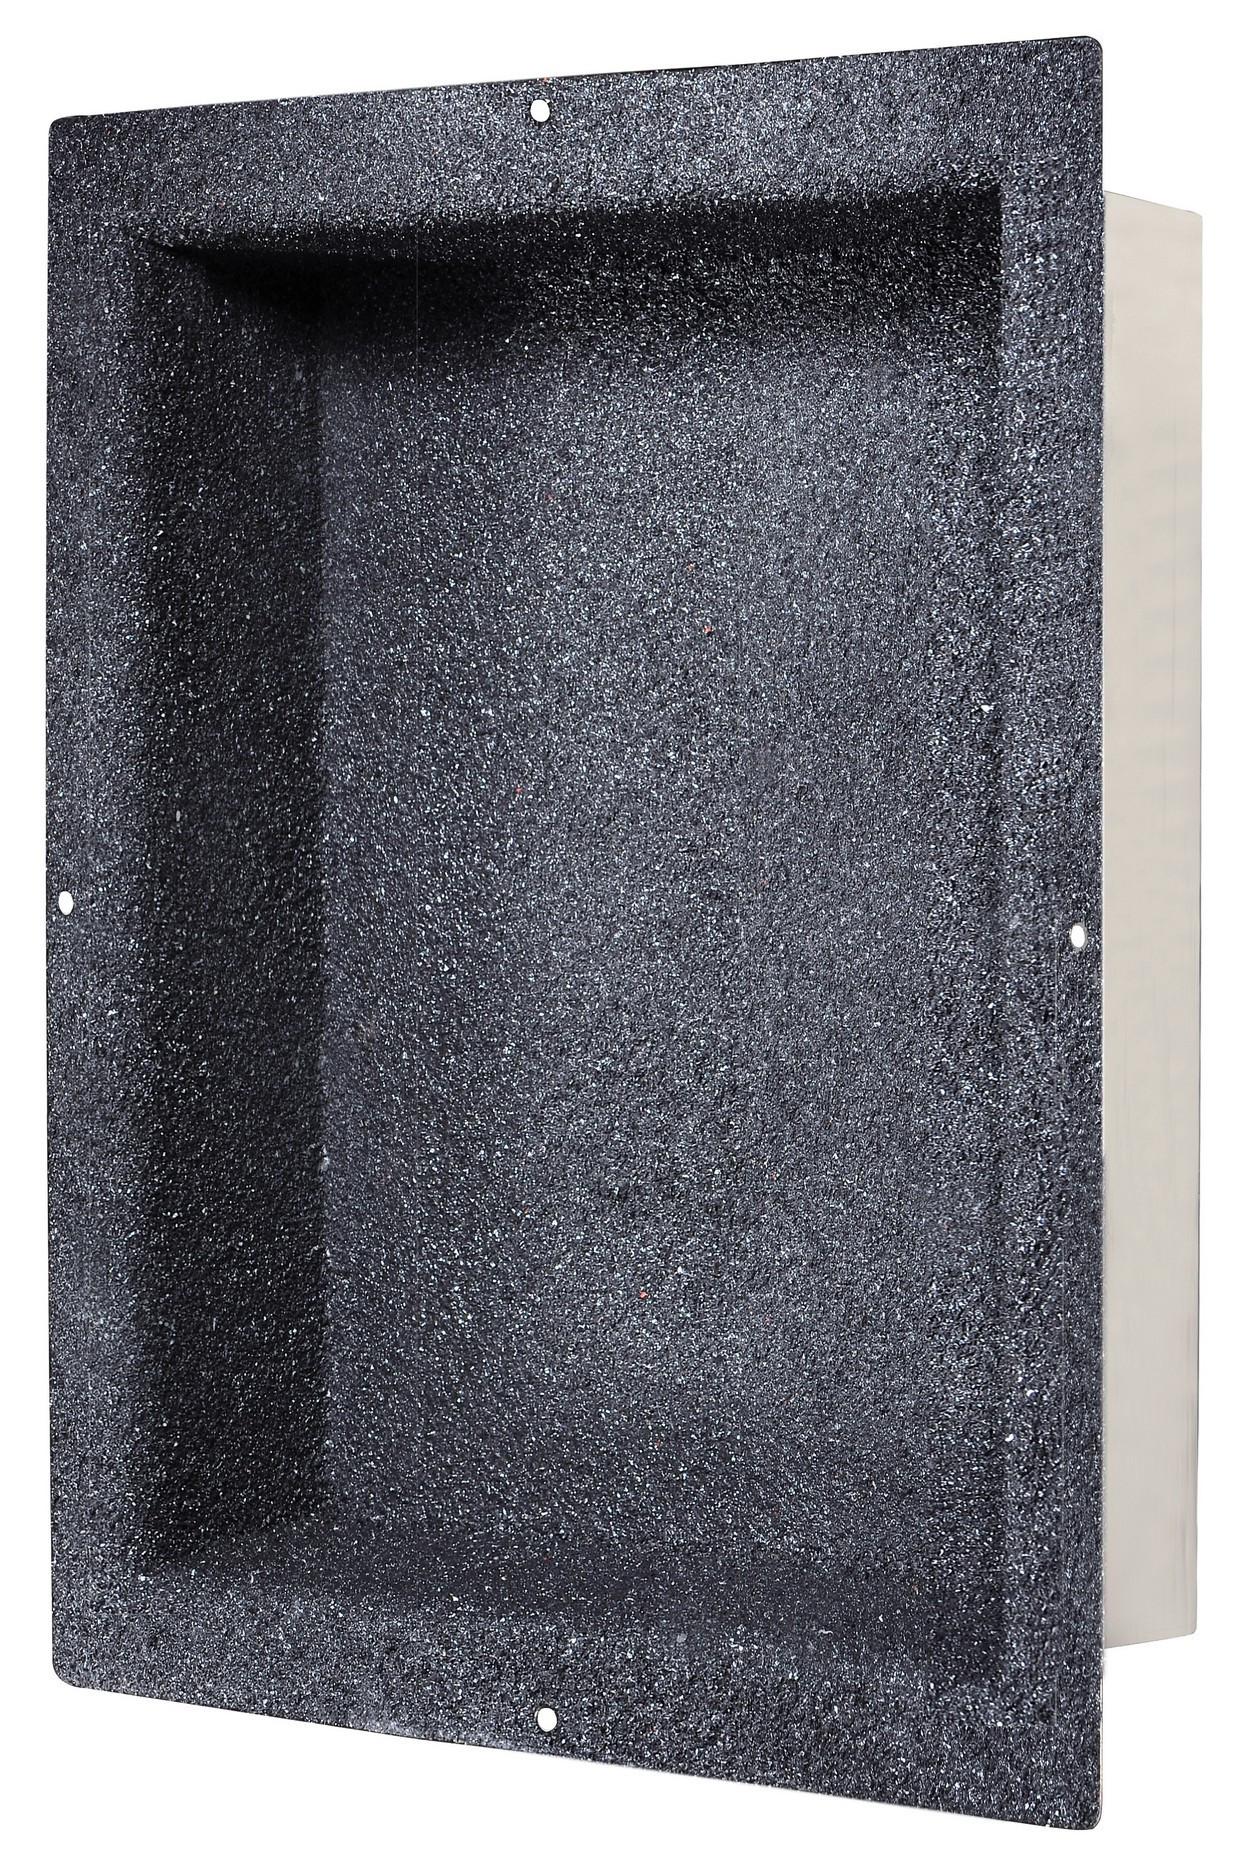 Dawn NI140903 Stainless Steel Shower Niche